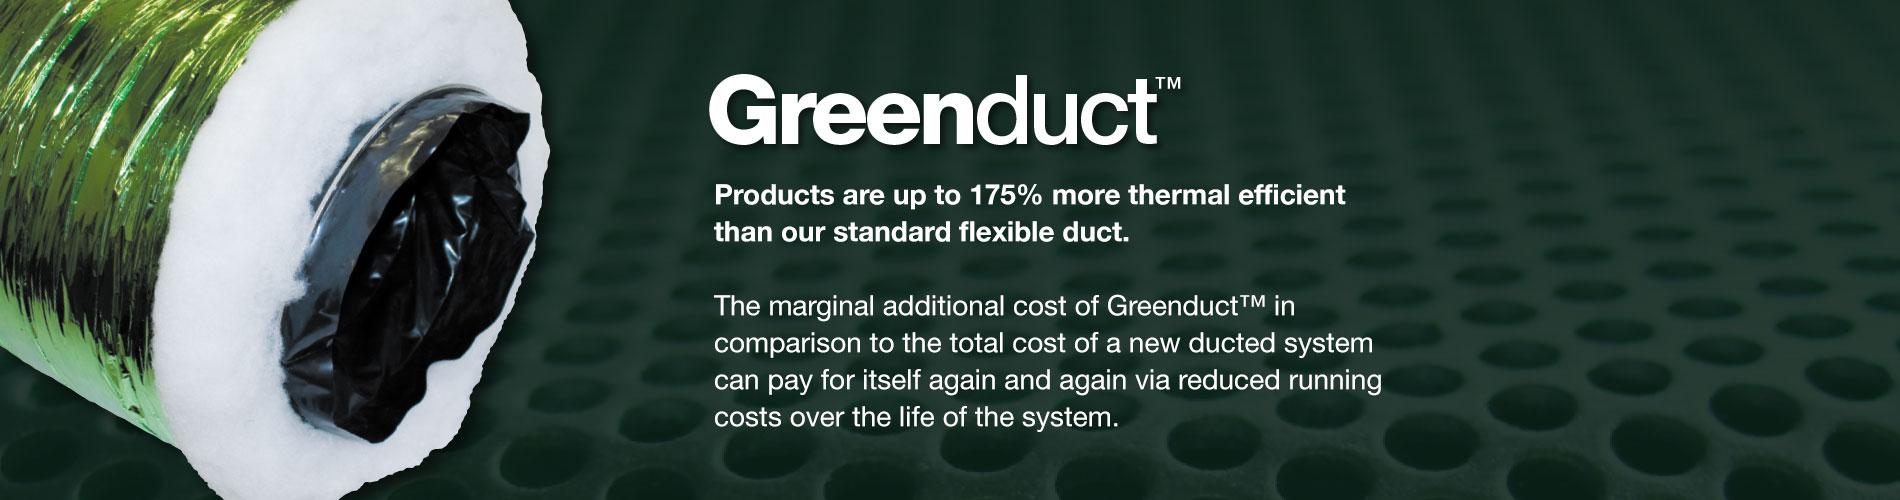 Greenduct